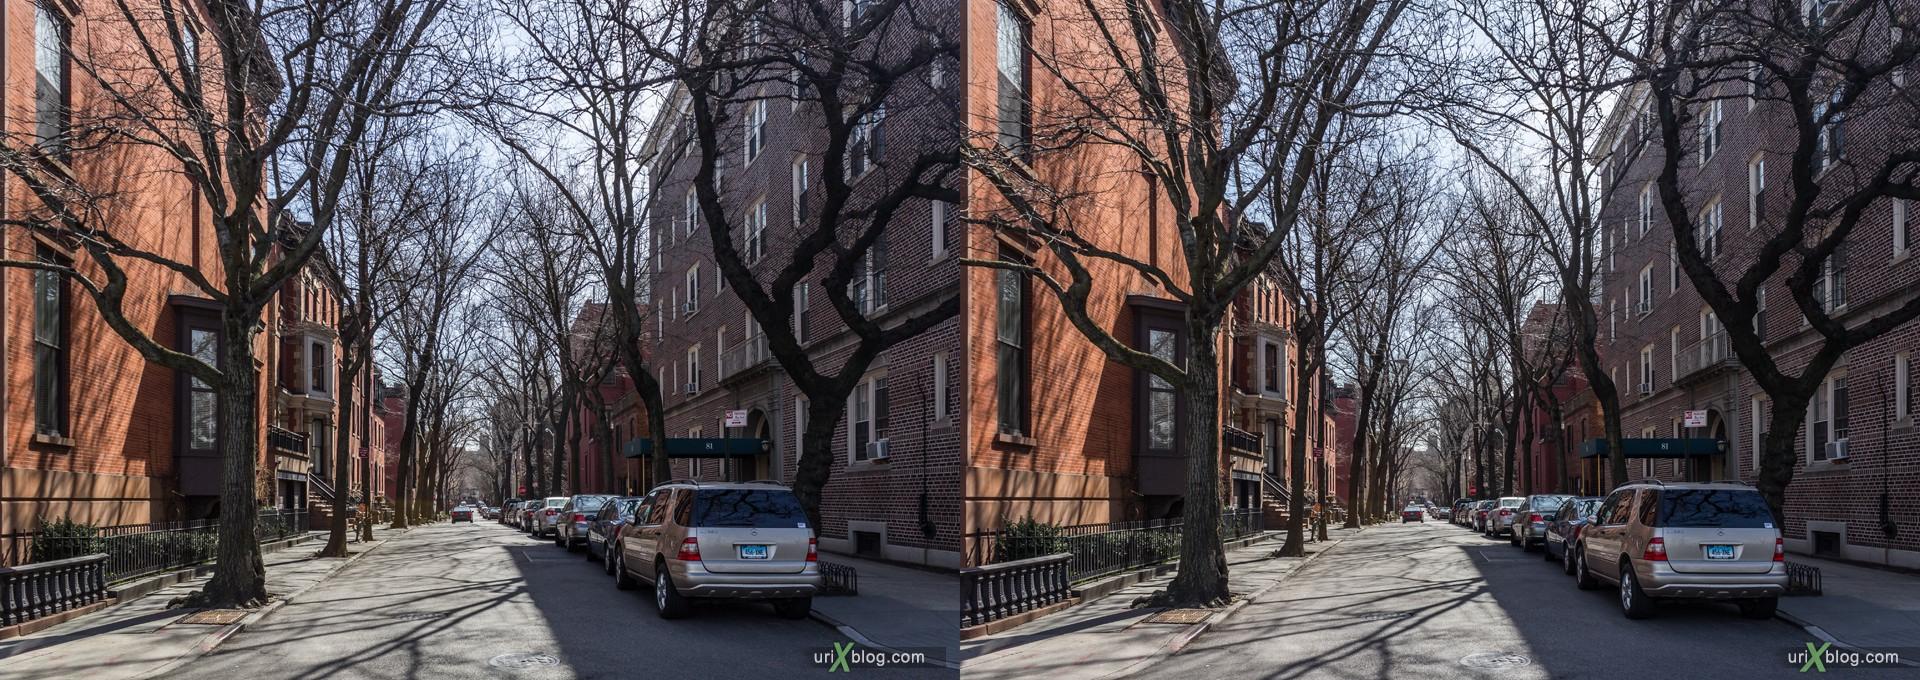 2013, Cranberry улица, Бруклин, Нью-Йорк, США, 3D, перекрёстные стереопары, стерео, стереопара, стереопары